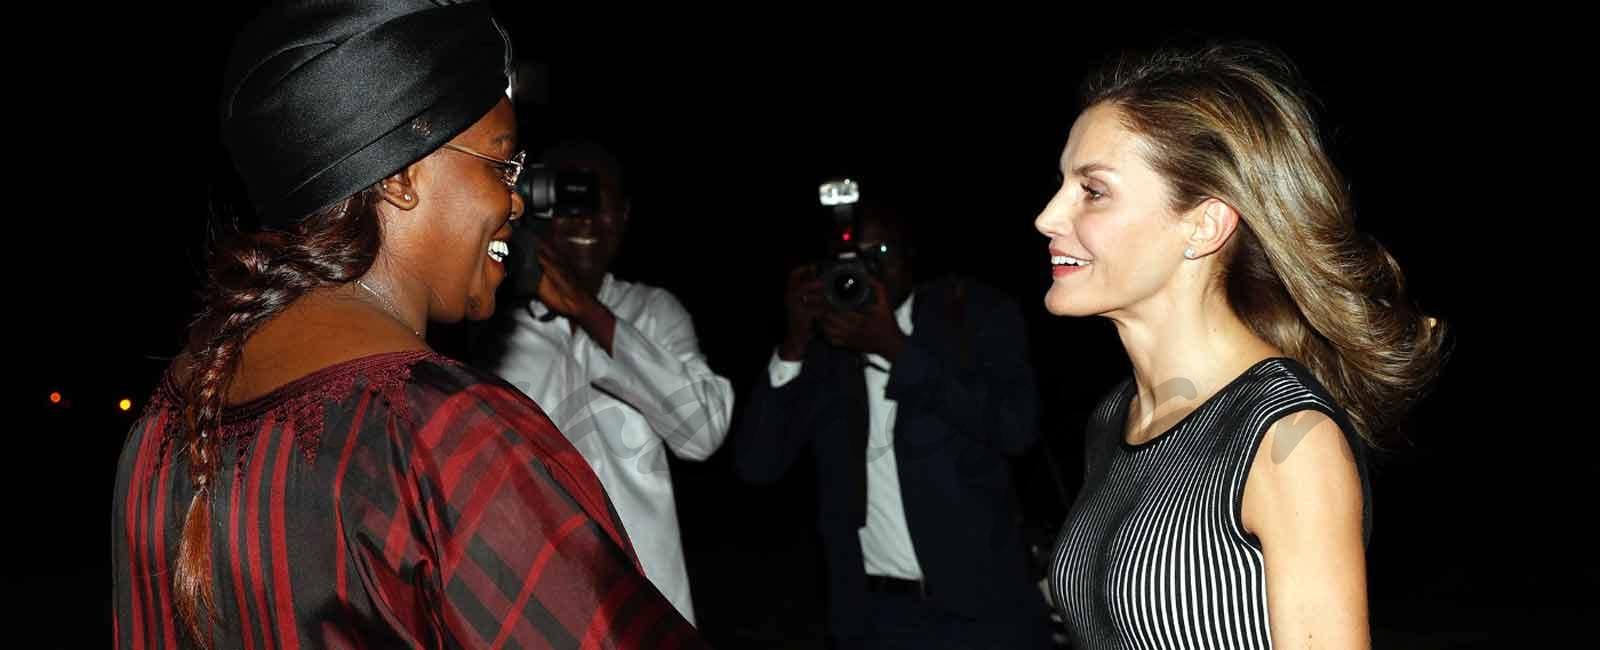 La reina Letizia comienza su viaje de Cooperación en Senegal